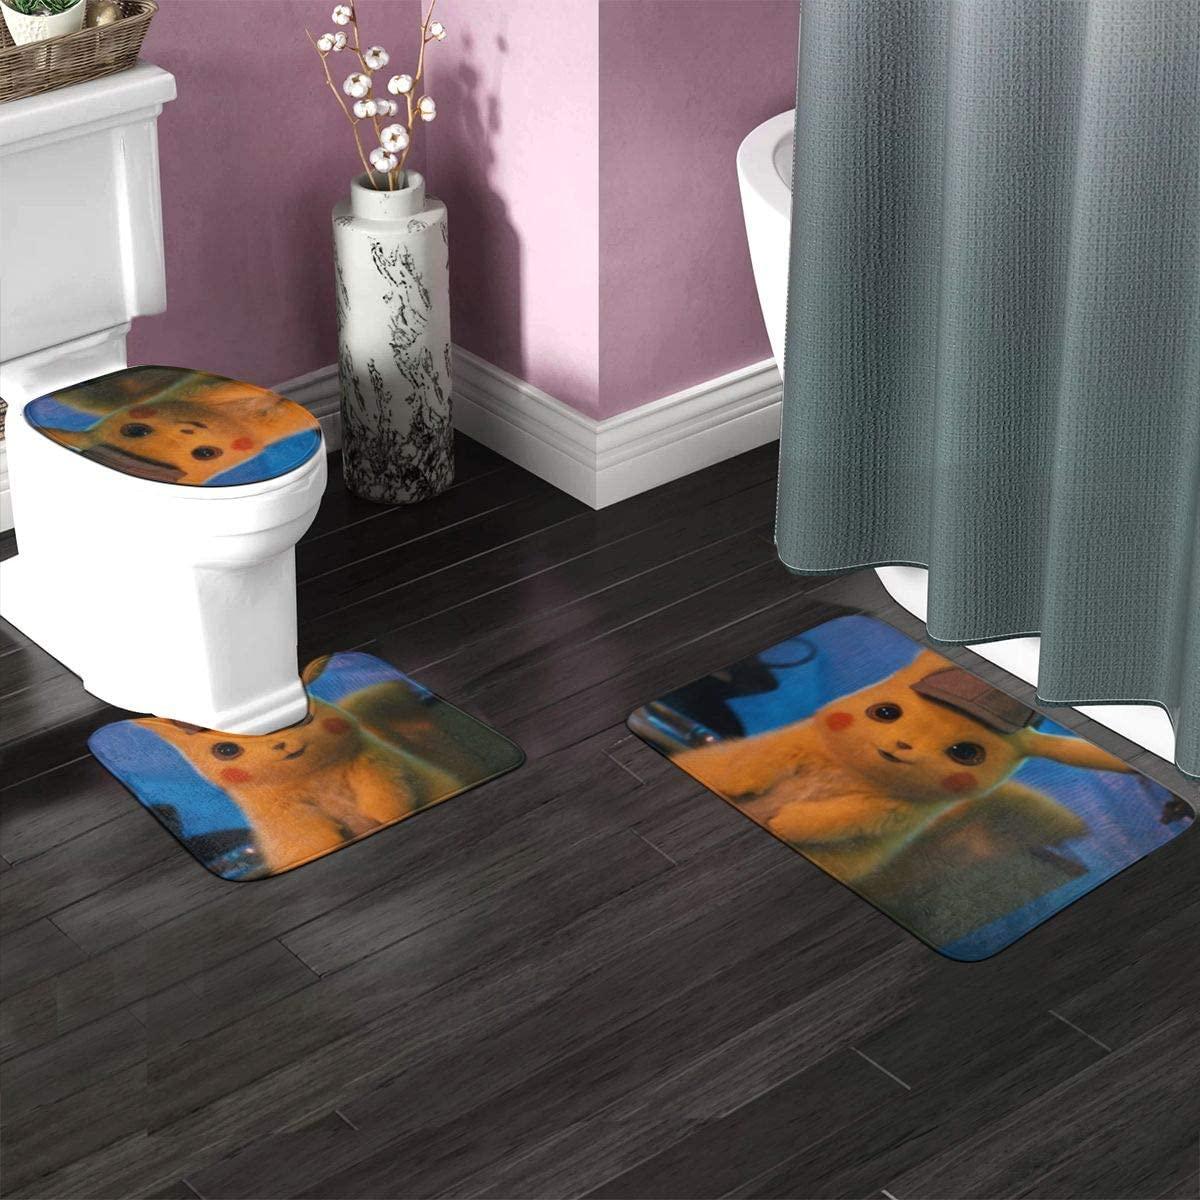 3 Pieces Bathroom Rug Set 23.6